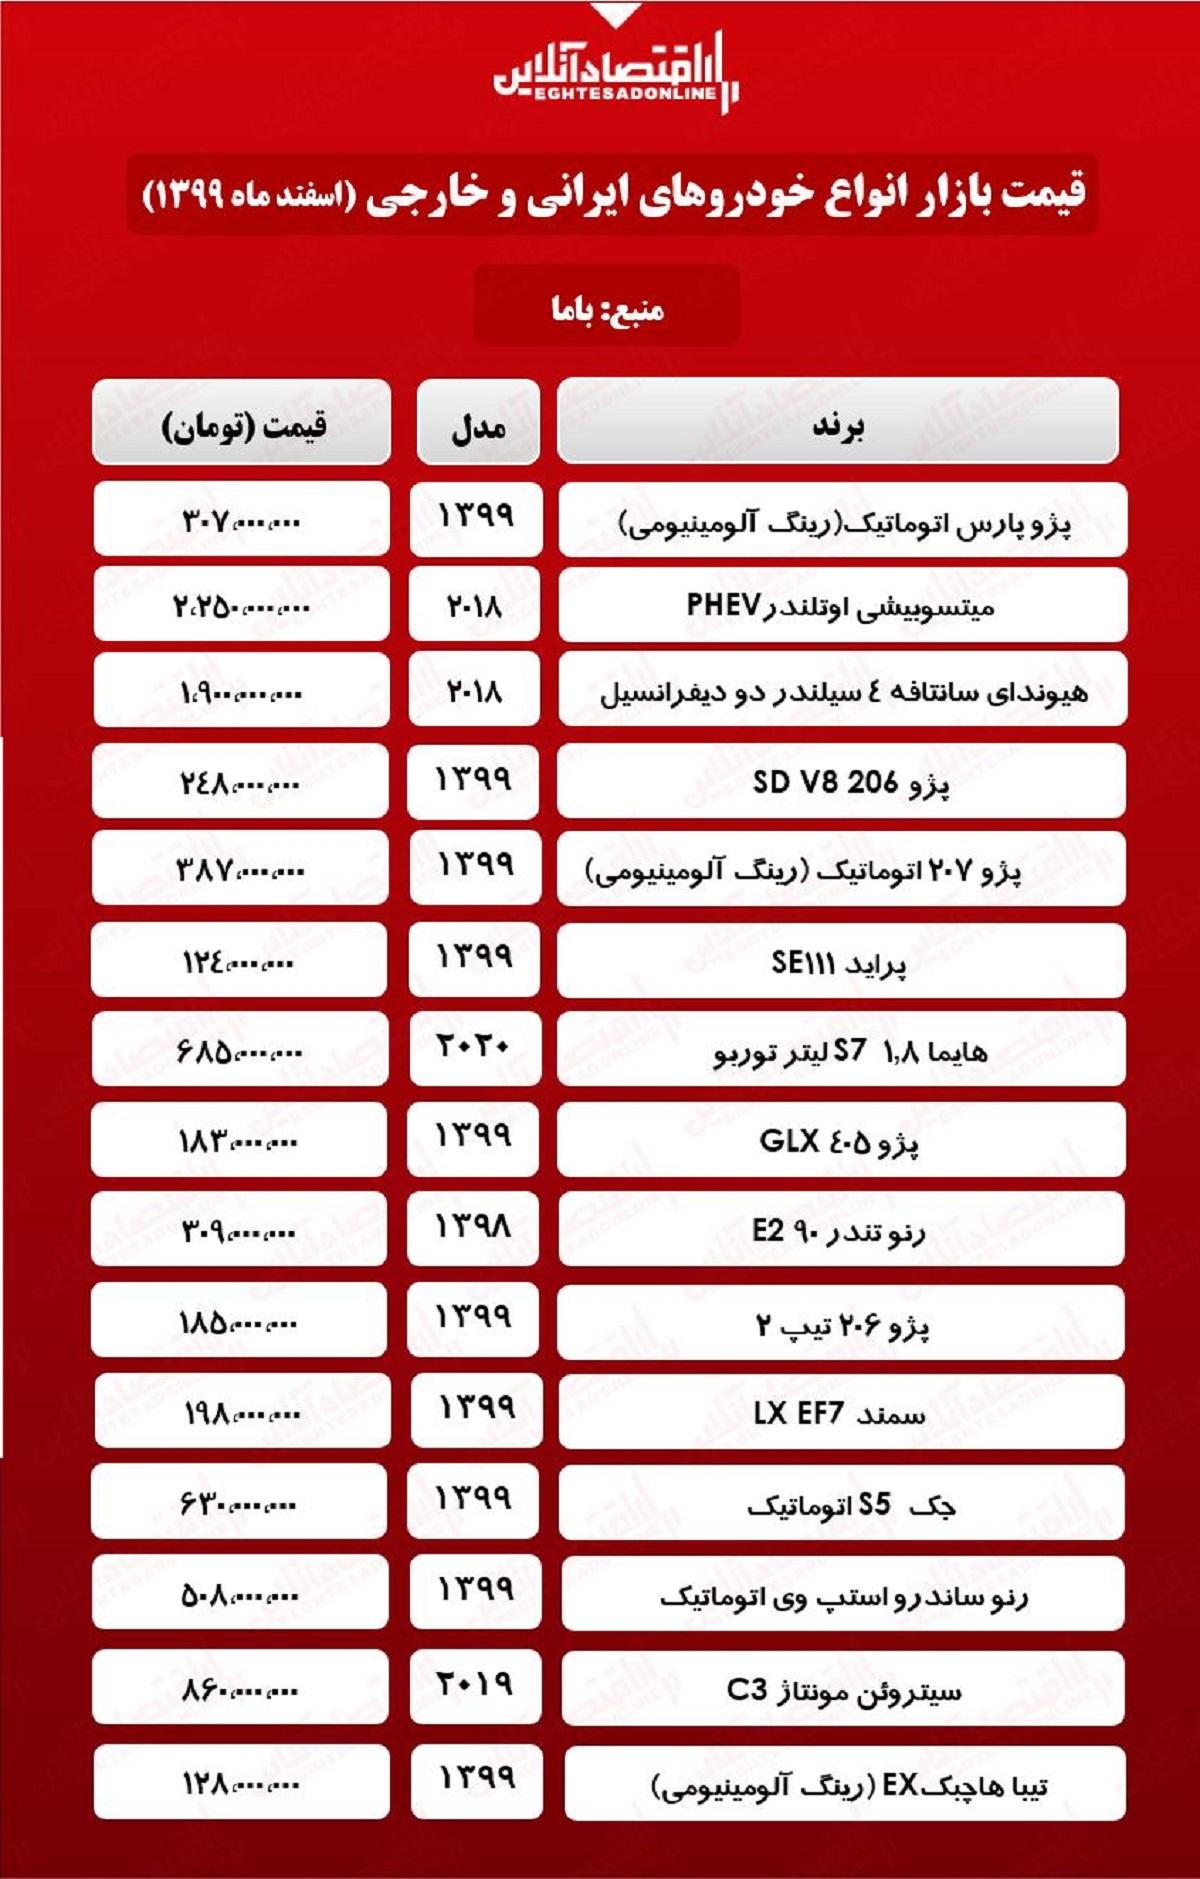 قیمت+خودرو+جدول